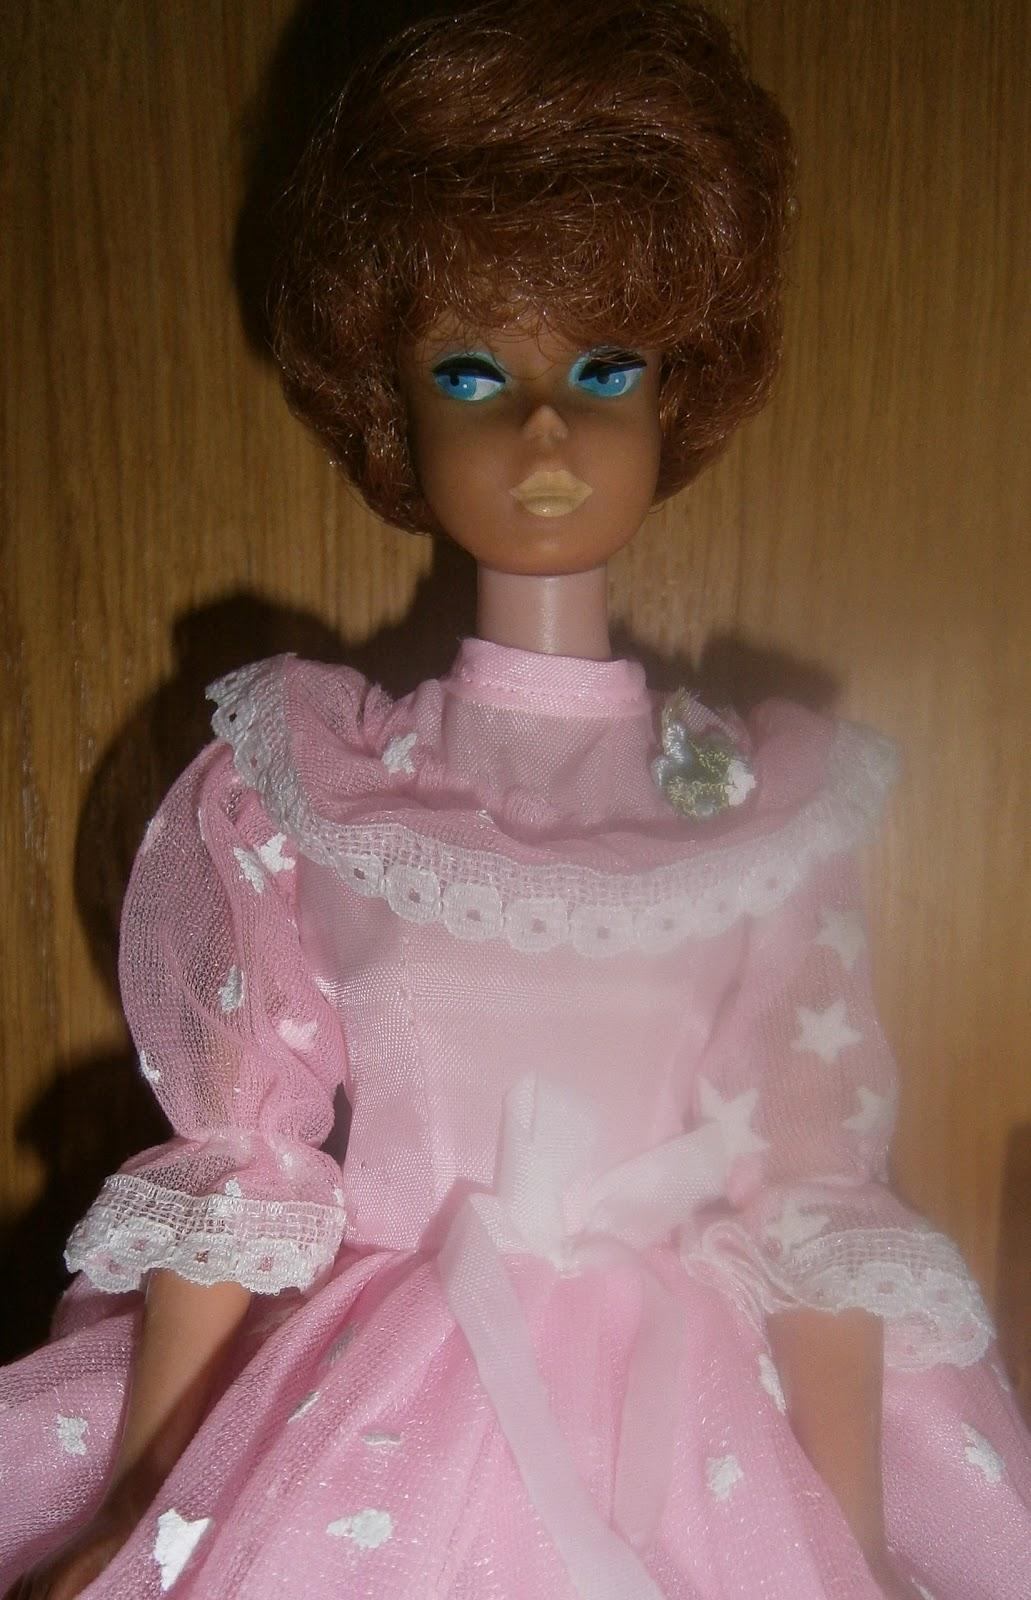 Ongekend CreAlyt: Jaren '60 Barbie FI-34